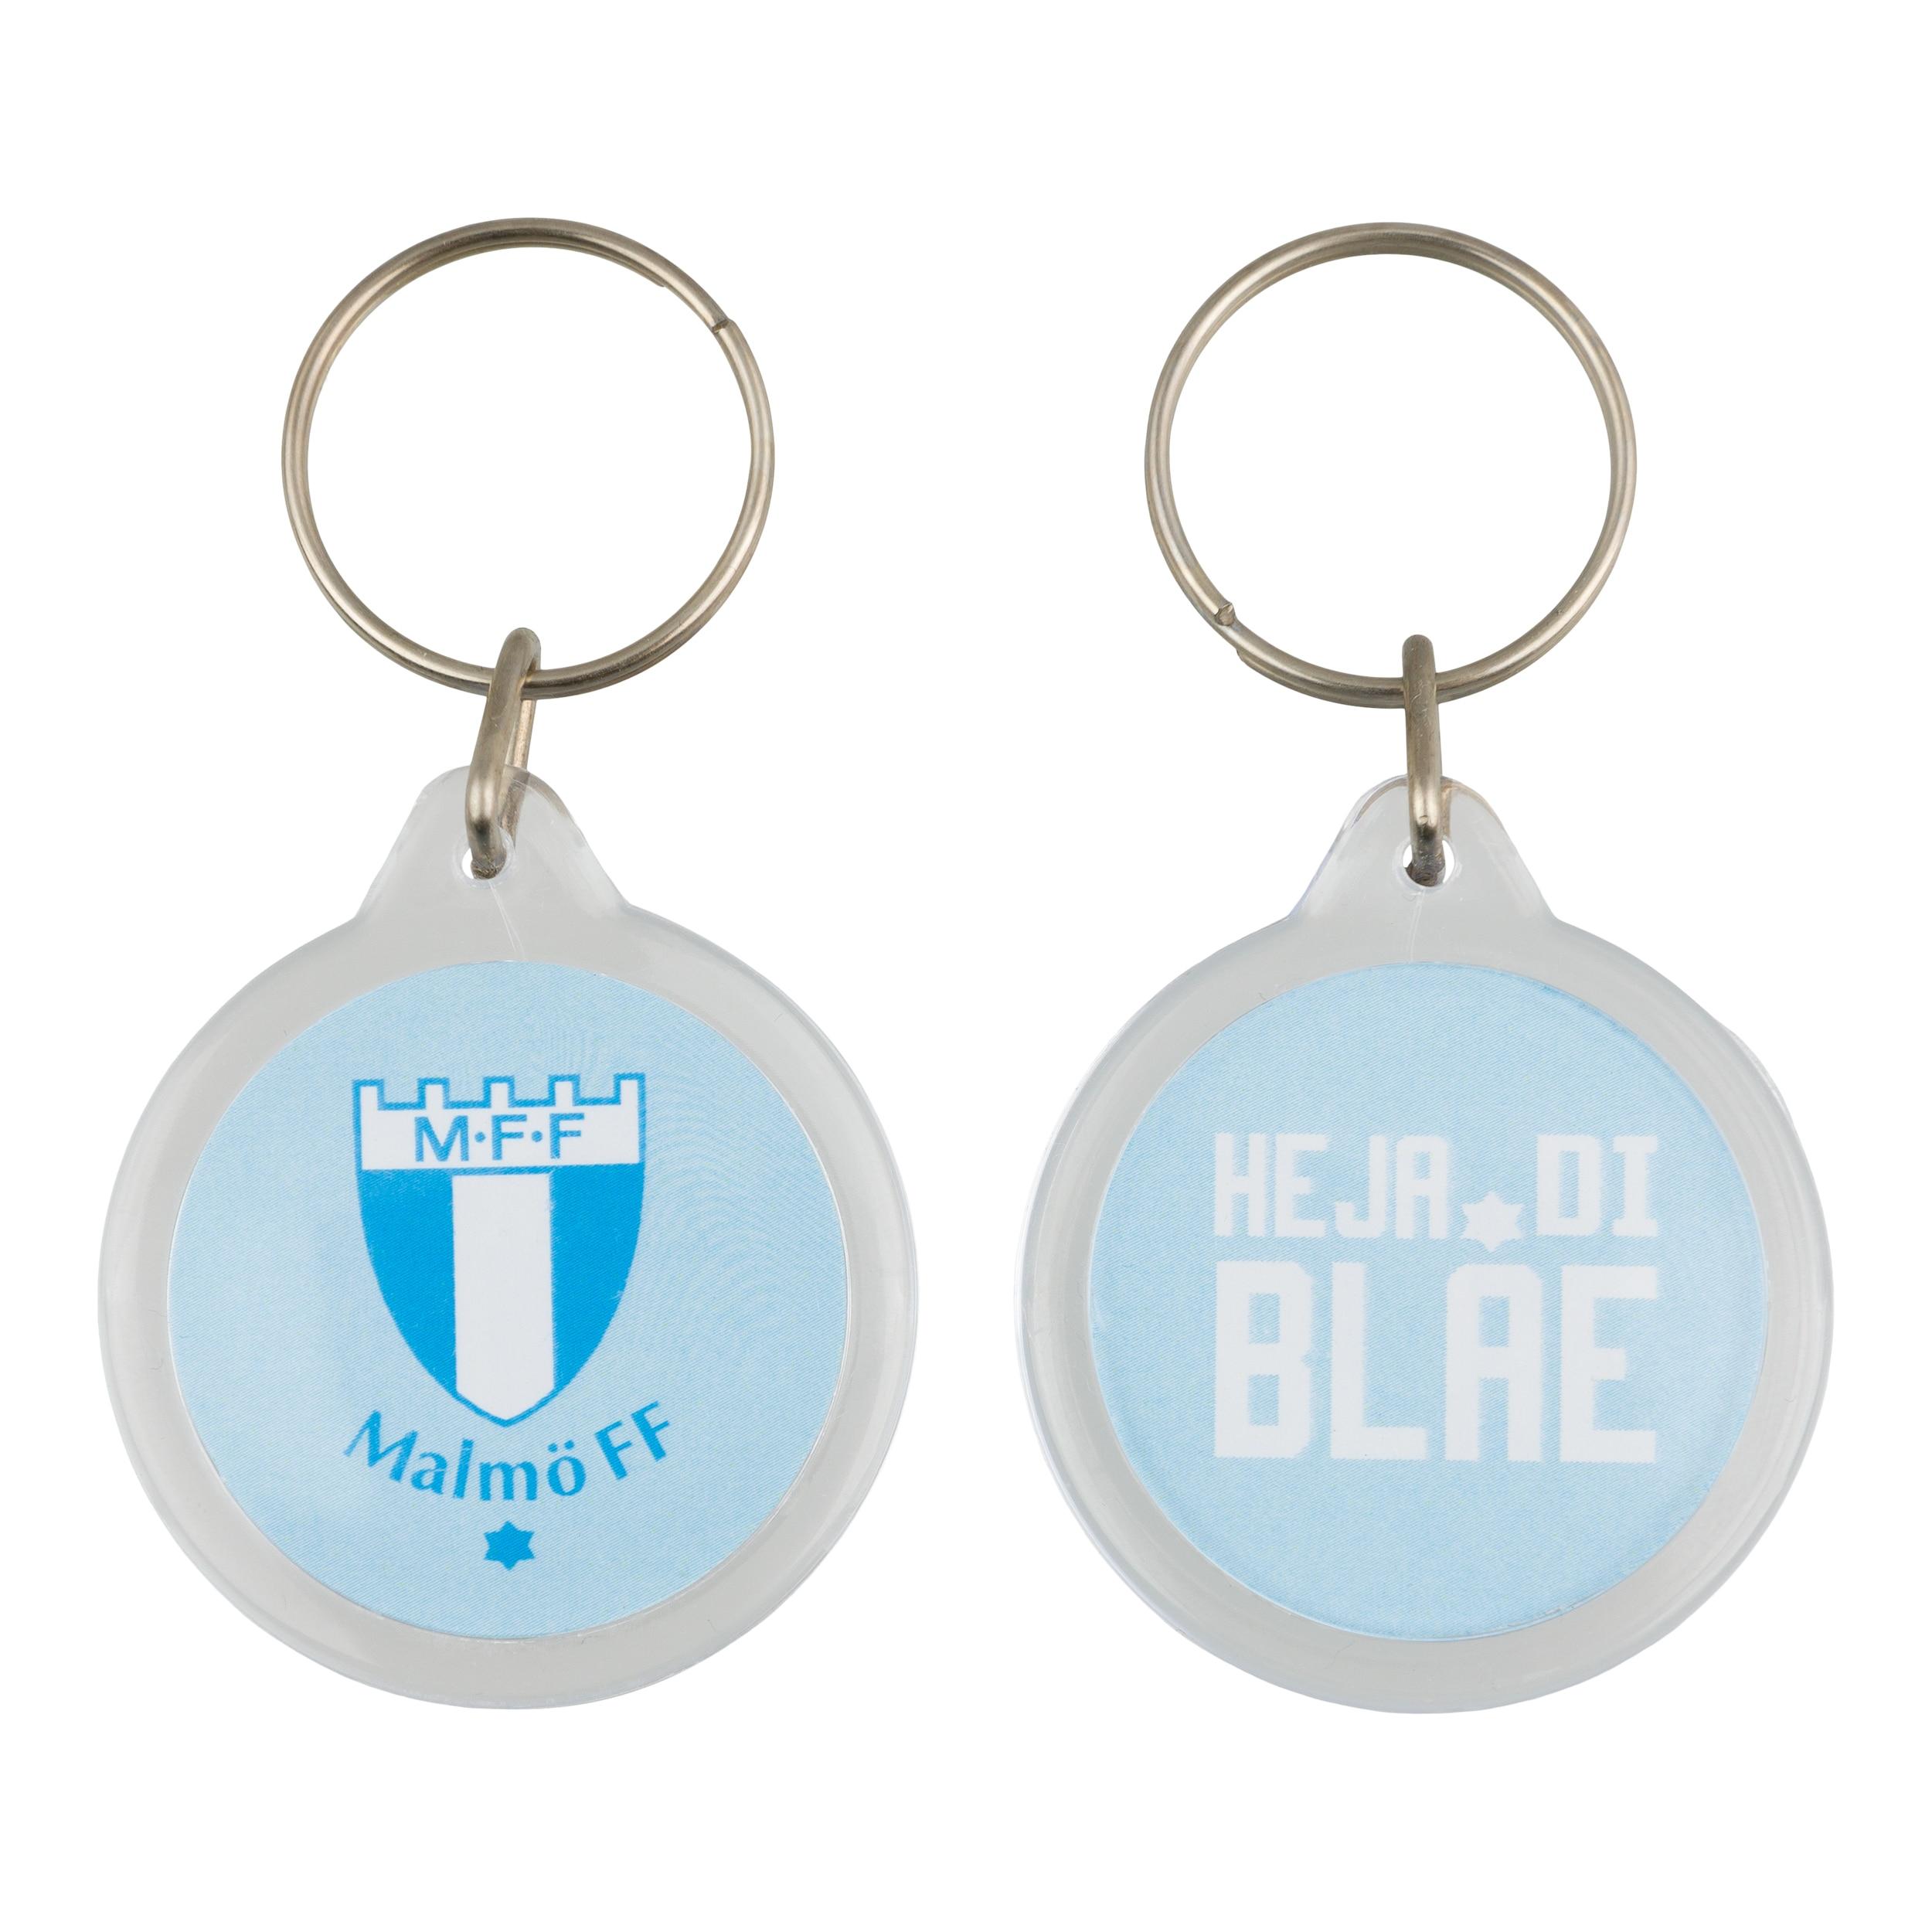 Nyckelring Heja di blåe